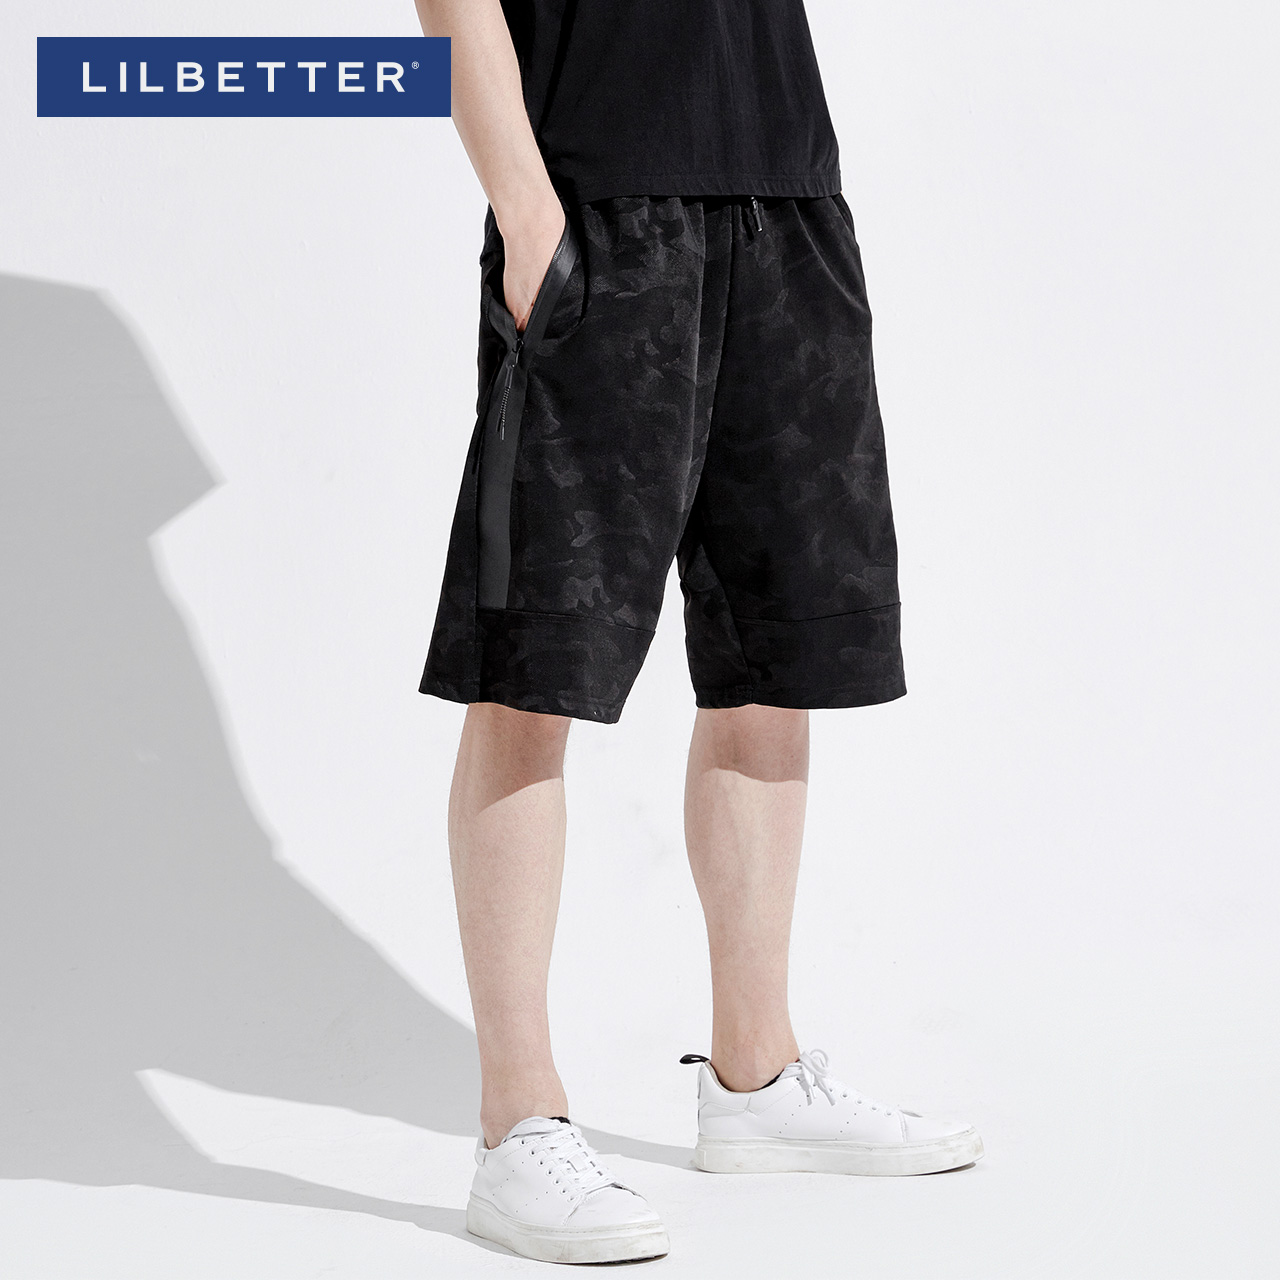 lilbetter短裤男 夏季2018迷彩LB中裤休闲沙滩裤潮牌男士五分裤